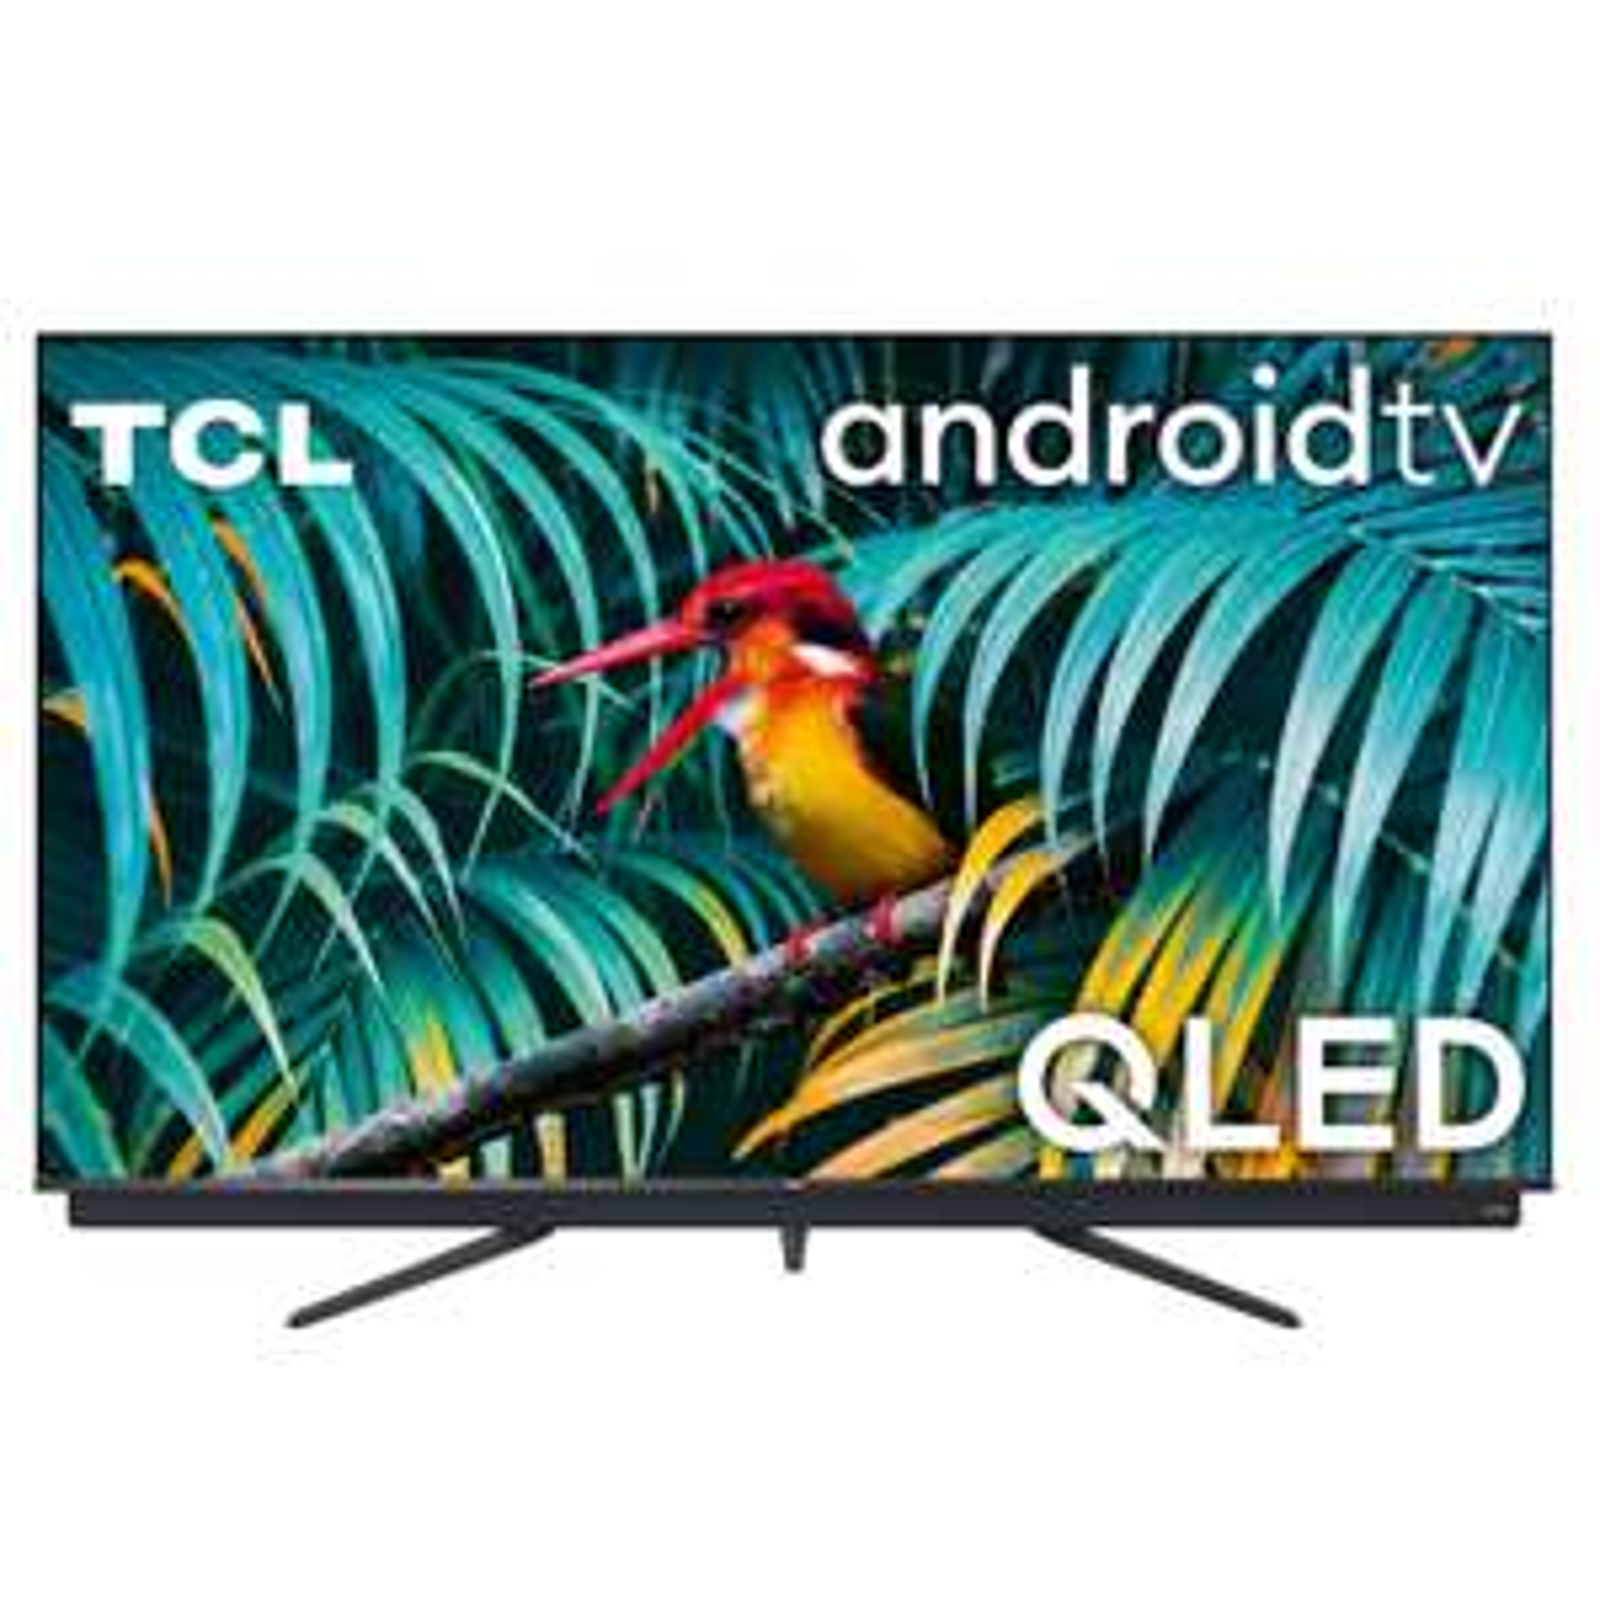 """Sélection de TV Hisense & TCL - Ex: 55"""" TCL 55C811 - QLED, 4K, Dolby Vision, AndroidTV, Barre de son Onkyo (+ Jusqu'à 138€ en SP - ODR 150€)"""